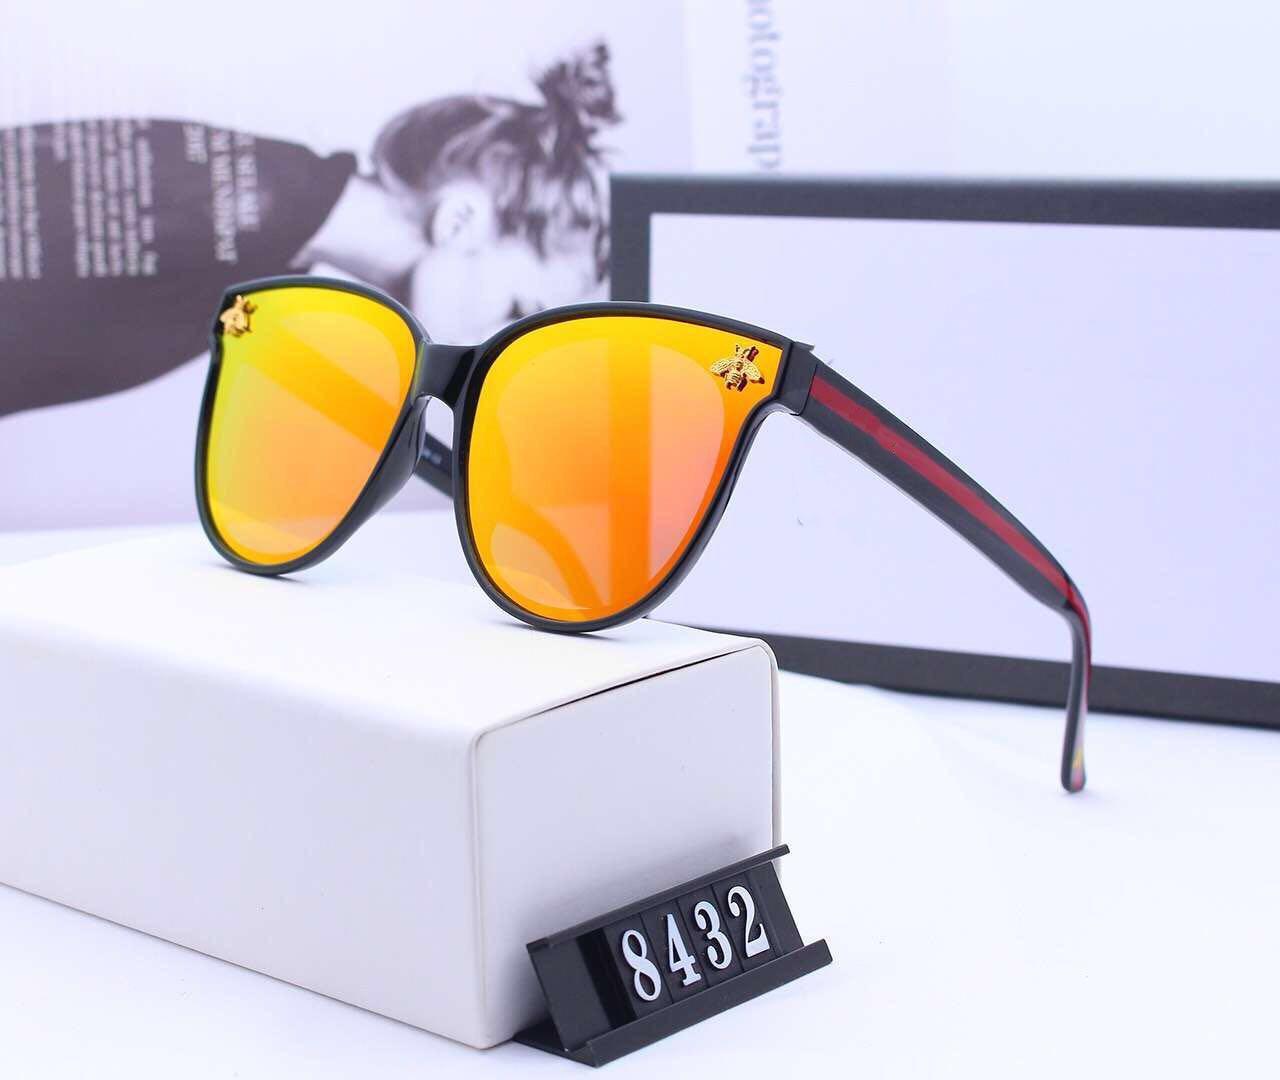 Occhiali da sole rotondi delle donne degli uomini di moda progettista di alta qualità Lenti in vetro scuro Occhiali da sole in metallo color oro nero Better